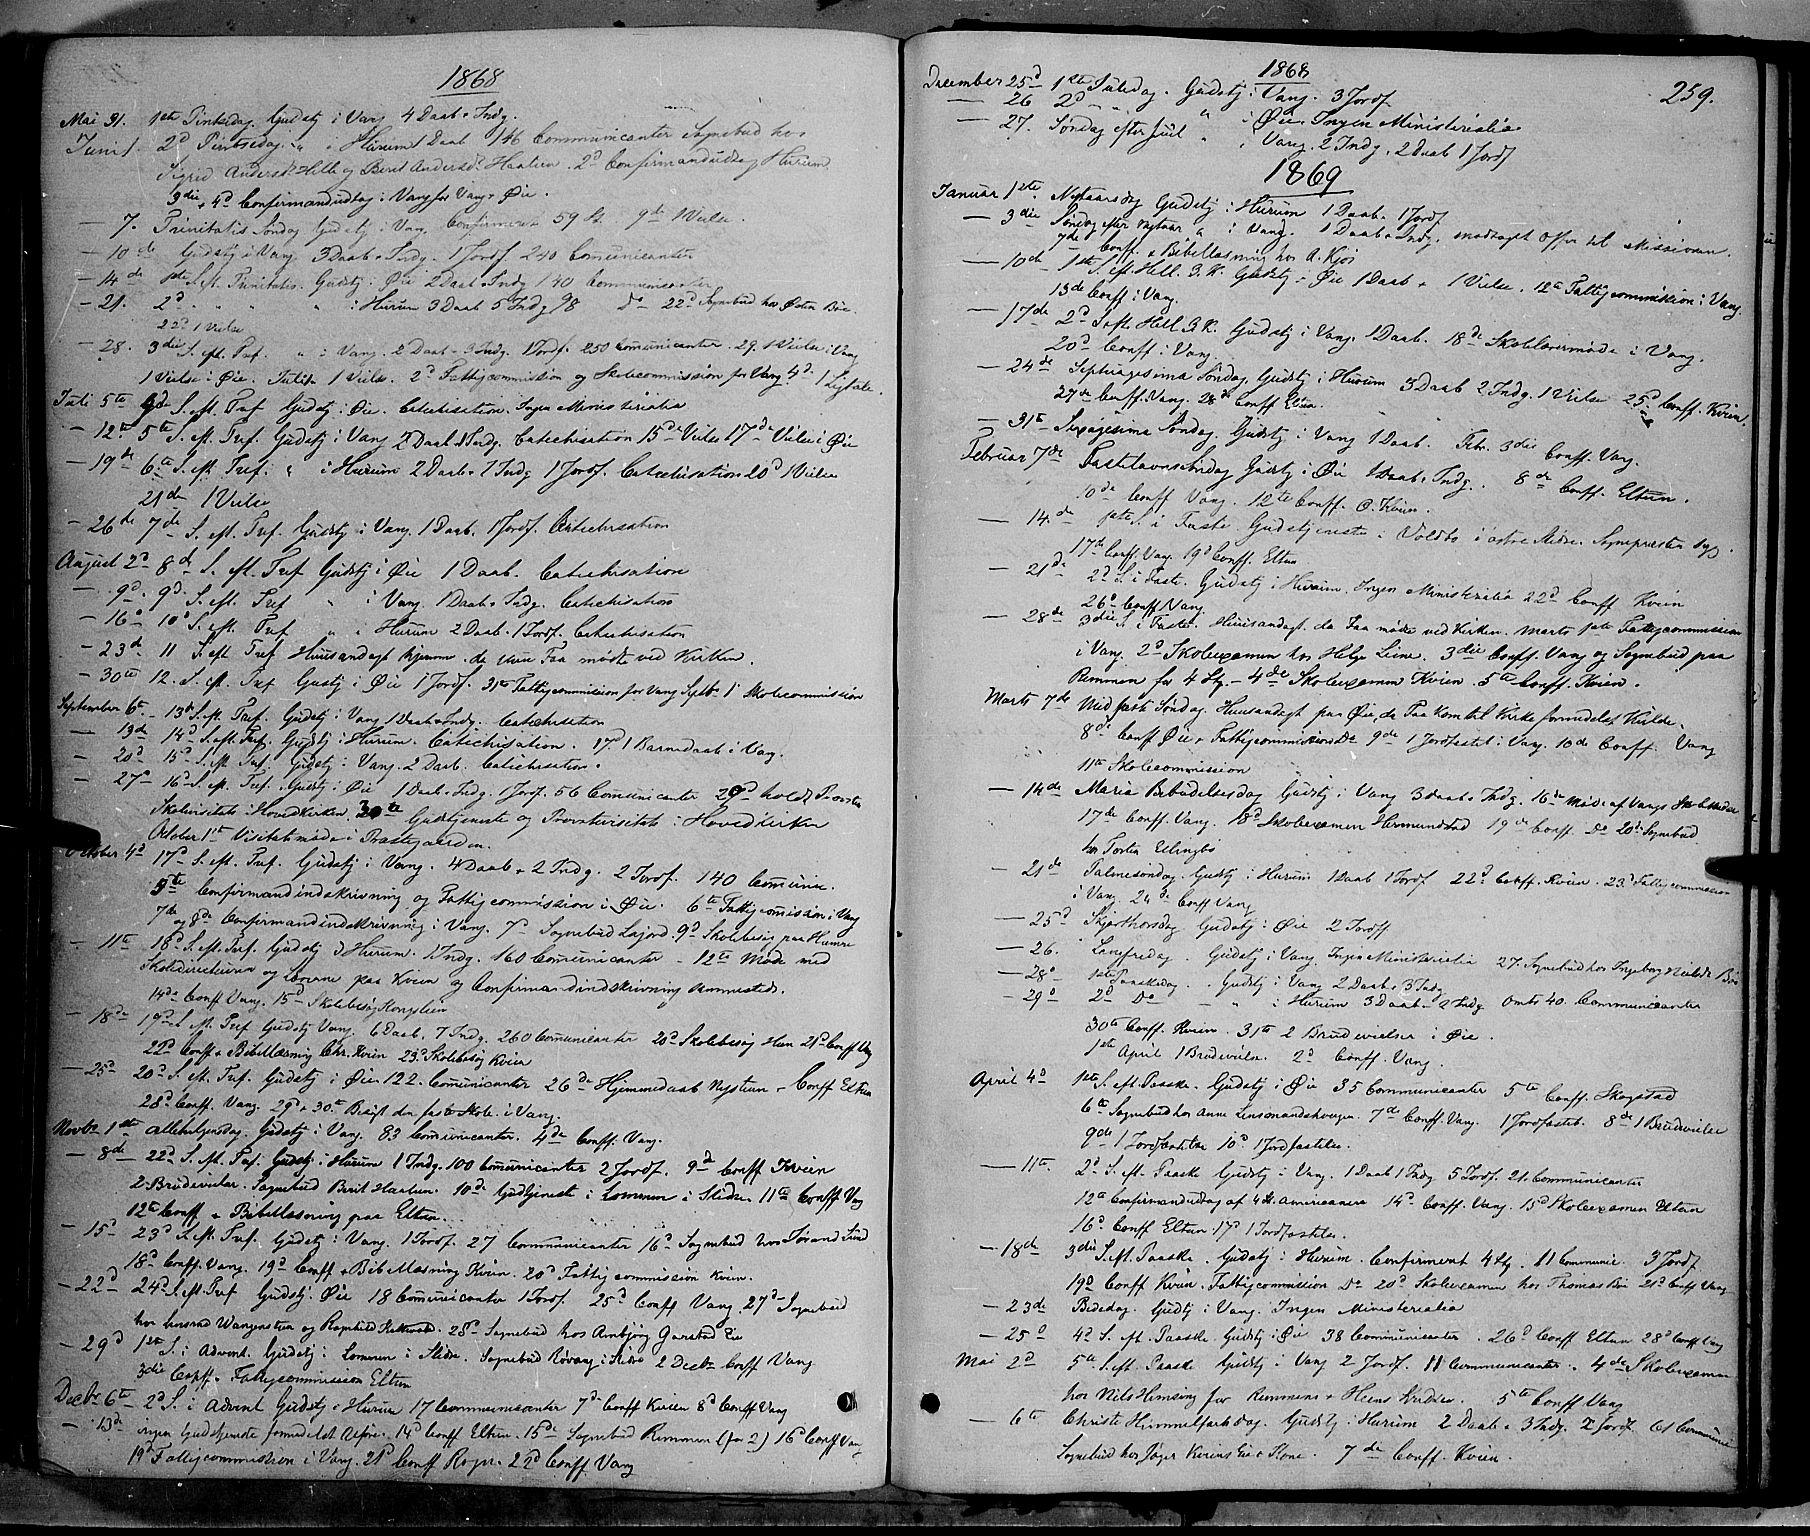 SAH, Vang prestekontor, Valdres, Ministerialbok nr. 7, 1865-1881, s. 259